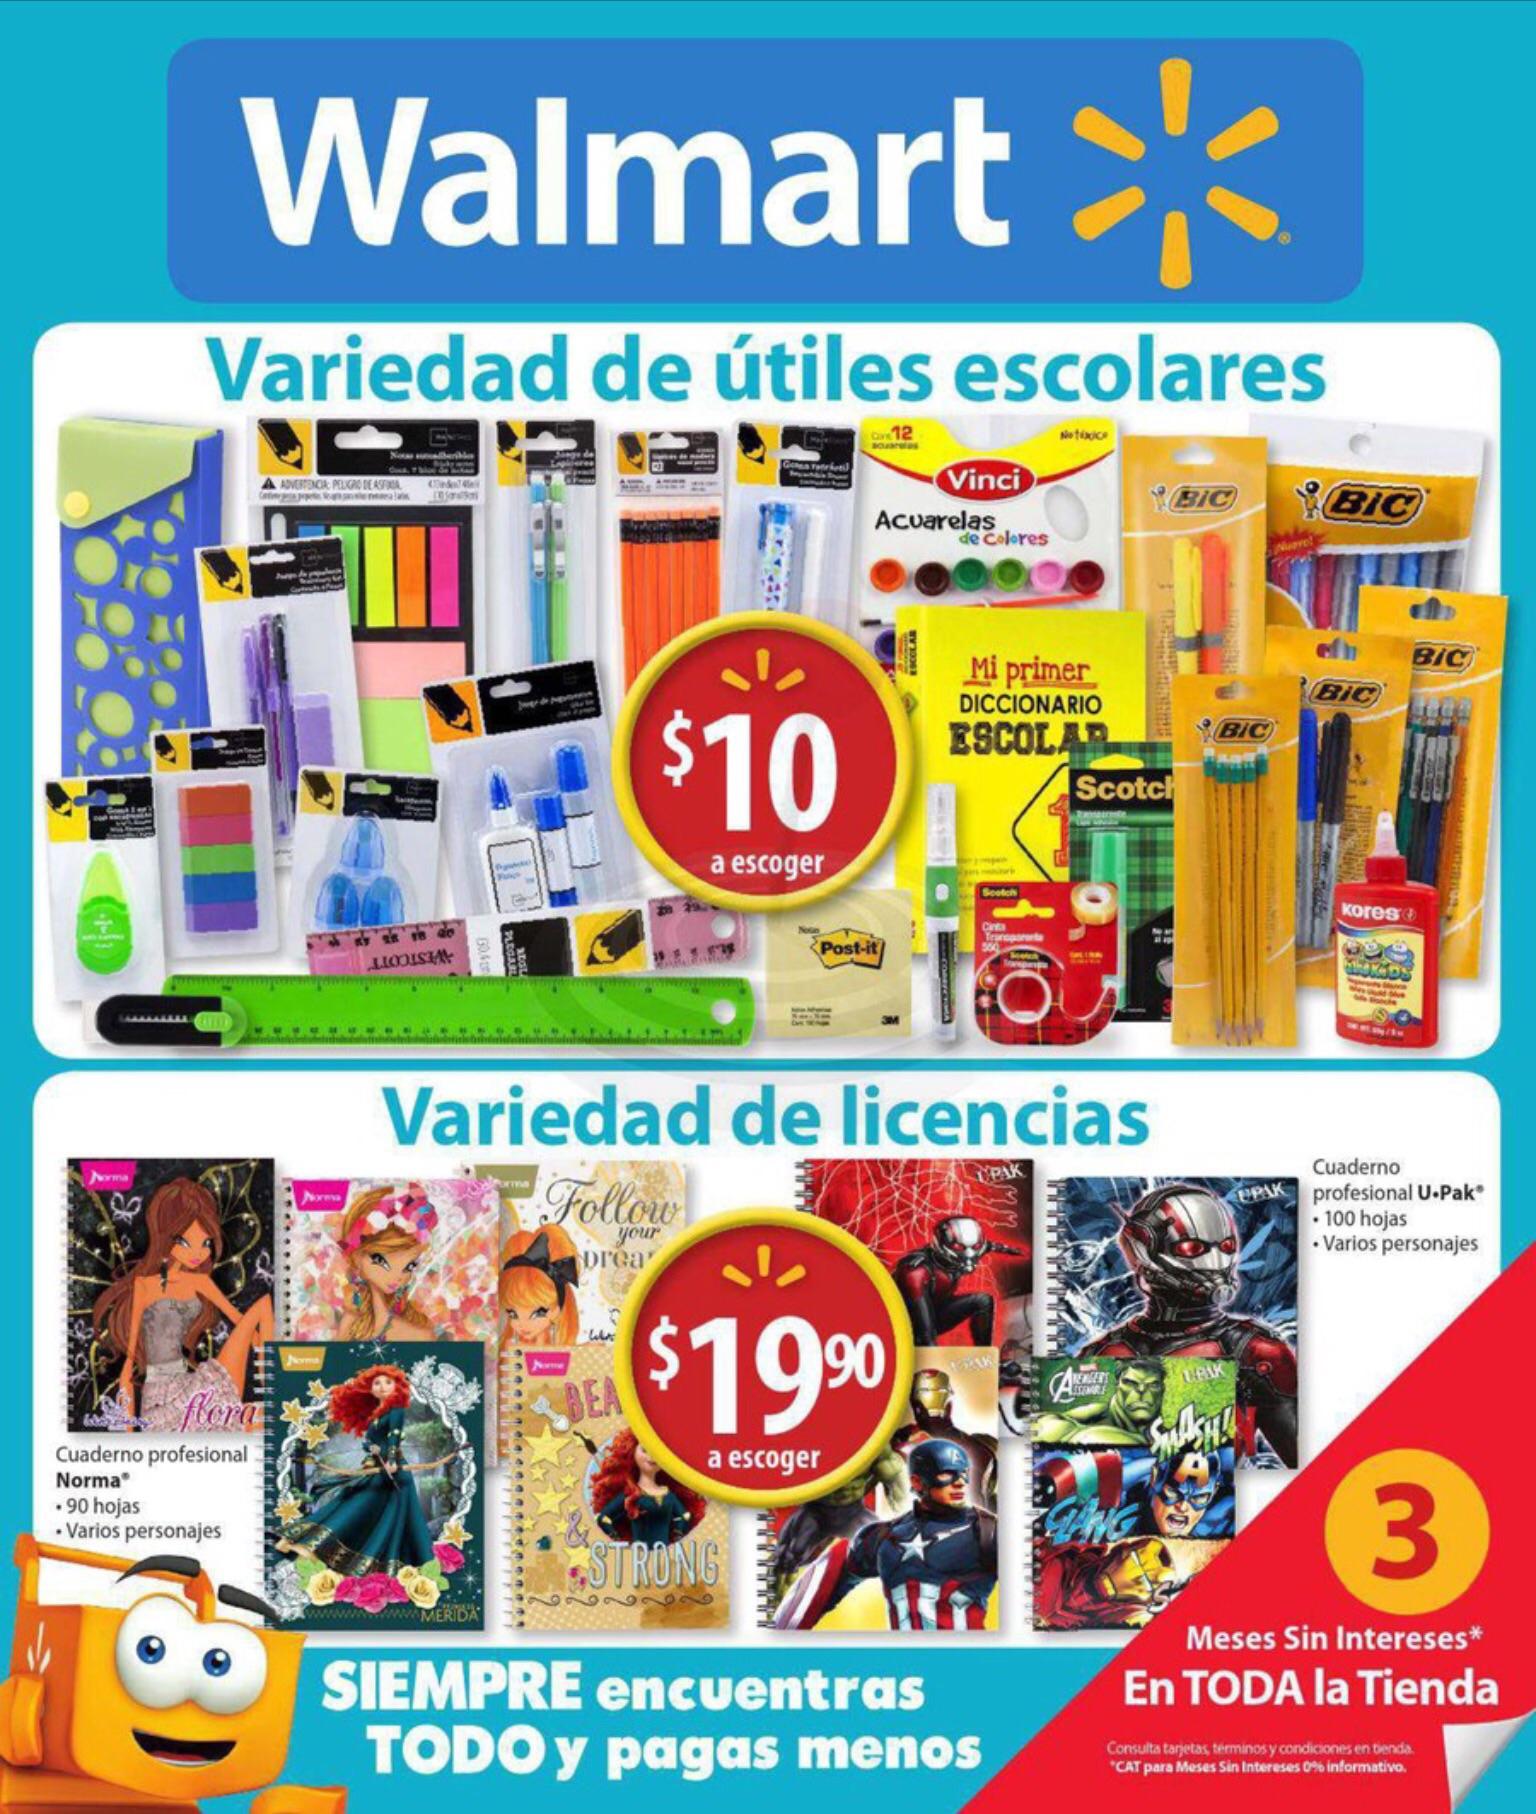 Walmart: útiles escolares a $10 y libretas a $19.90 a 3 meses sin intereses